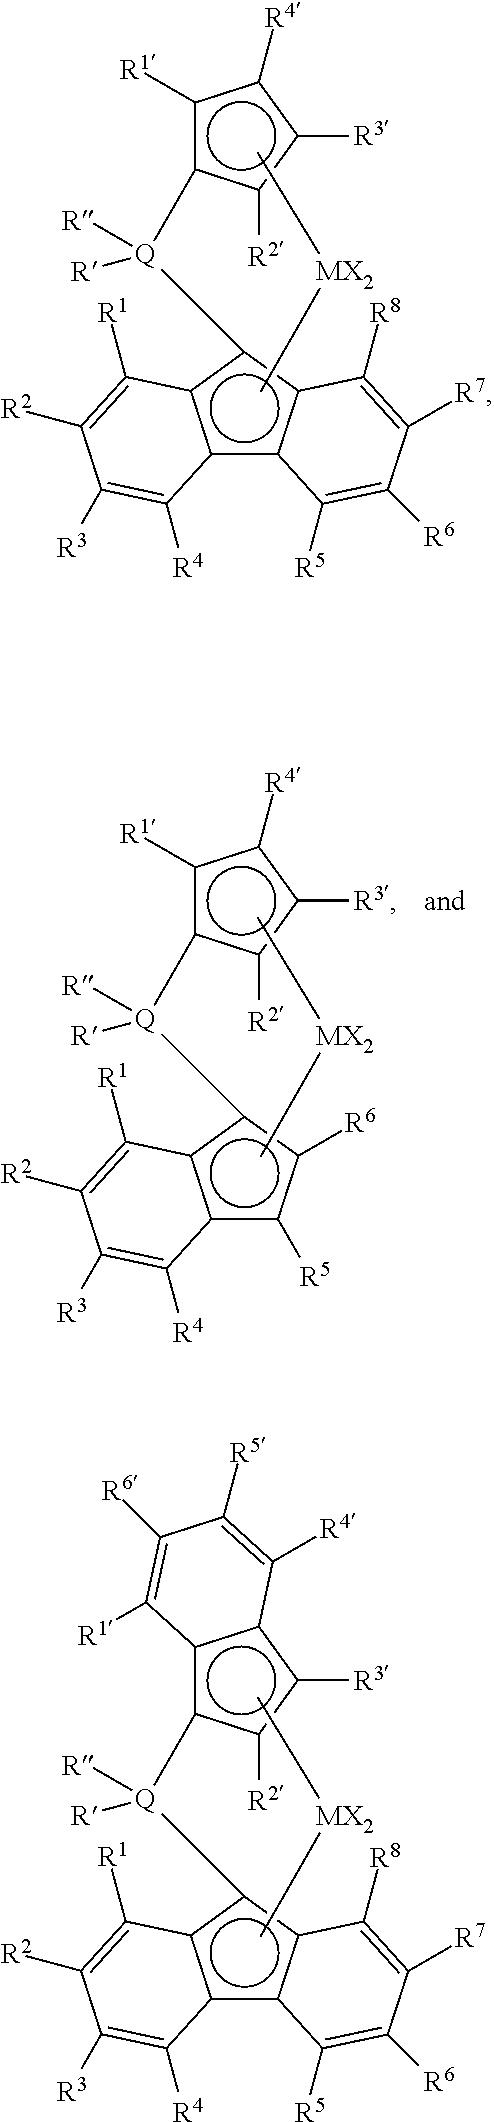 Figure US20180223022A1-20180809-C00006